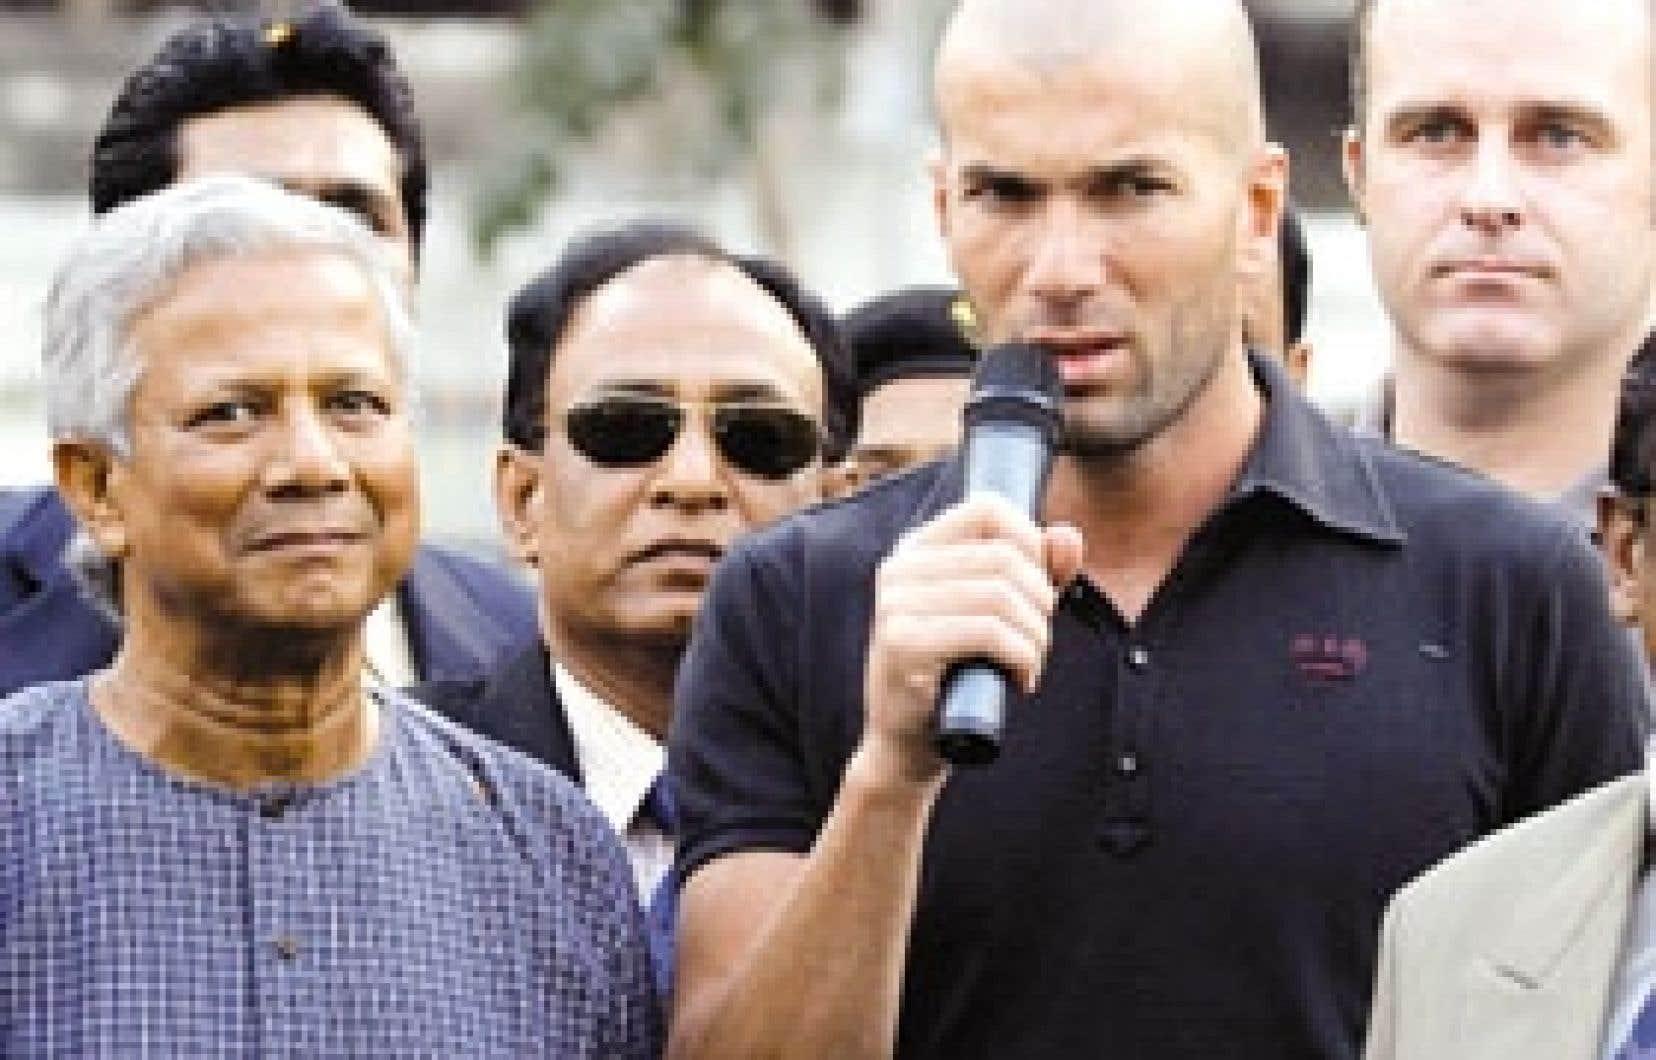 Le micro-crédit a été projeté au premier rang de l'actualité avec l'attribution en octobre du prix Nobel de la paix au Bangladais Muhammad Yunus (à gauche), considéré comme le père de cette méthode de développement. L'idée séduit de no